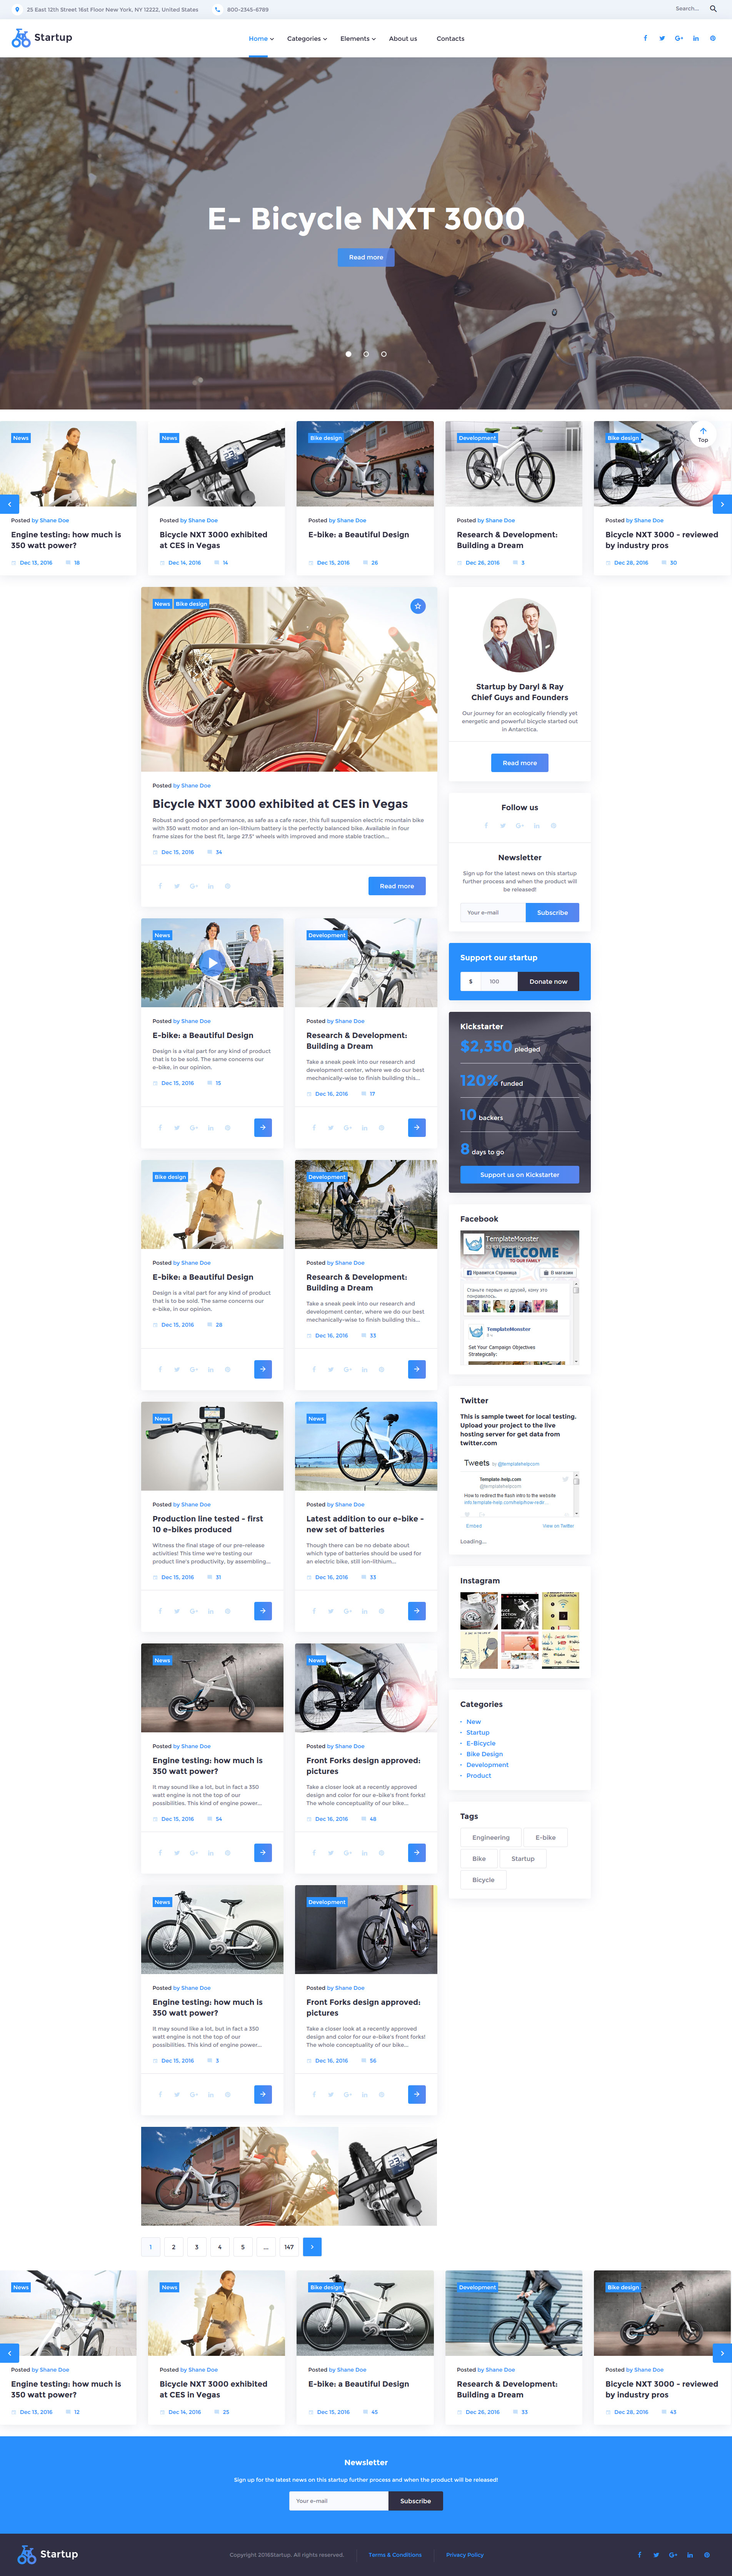 Reszponzív Startup Weboldal sablon 58730 - képernyőkép